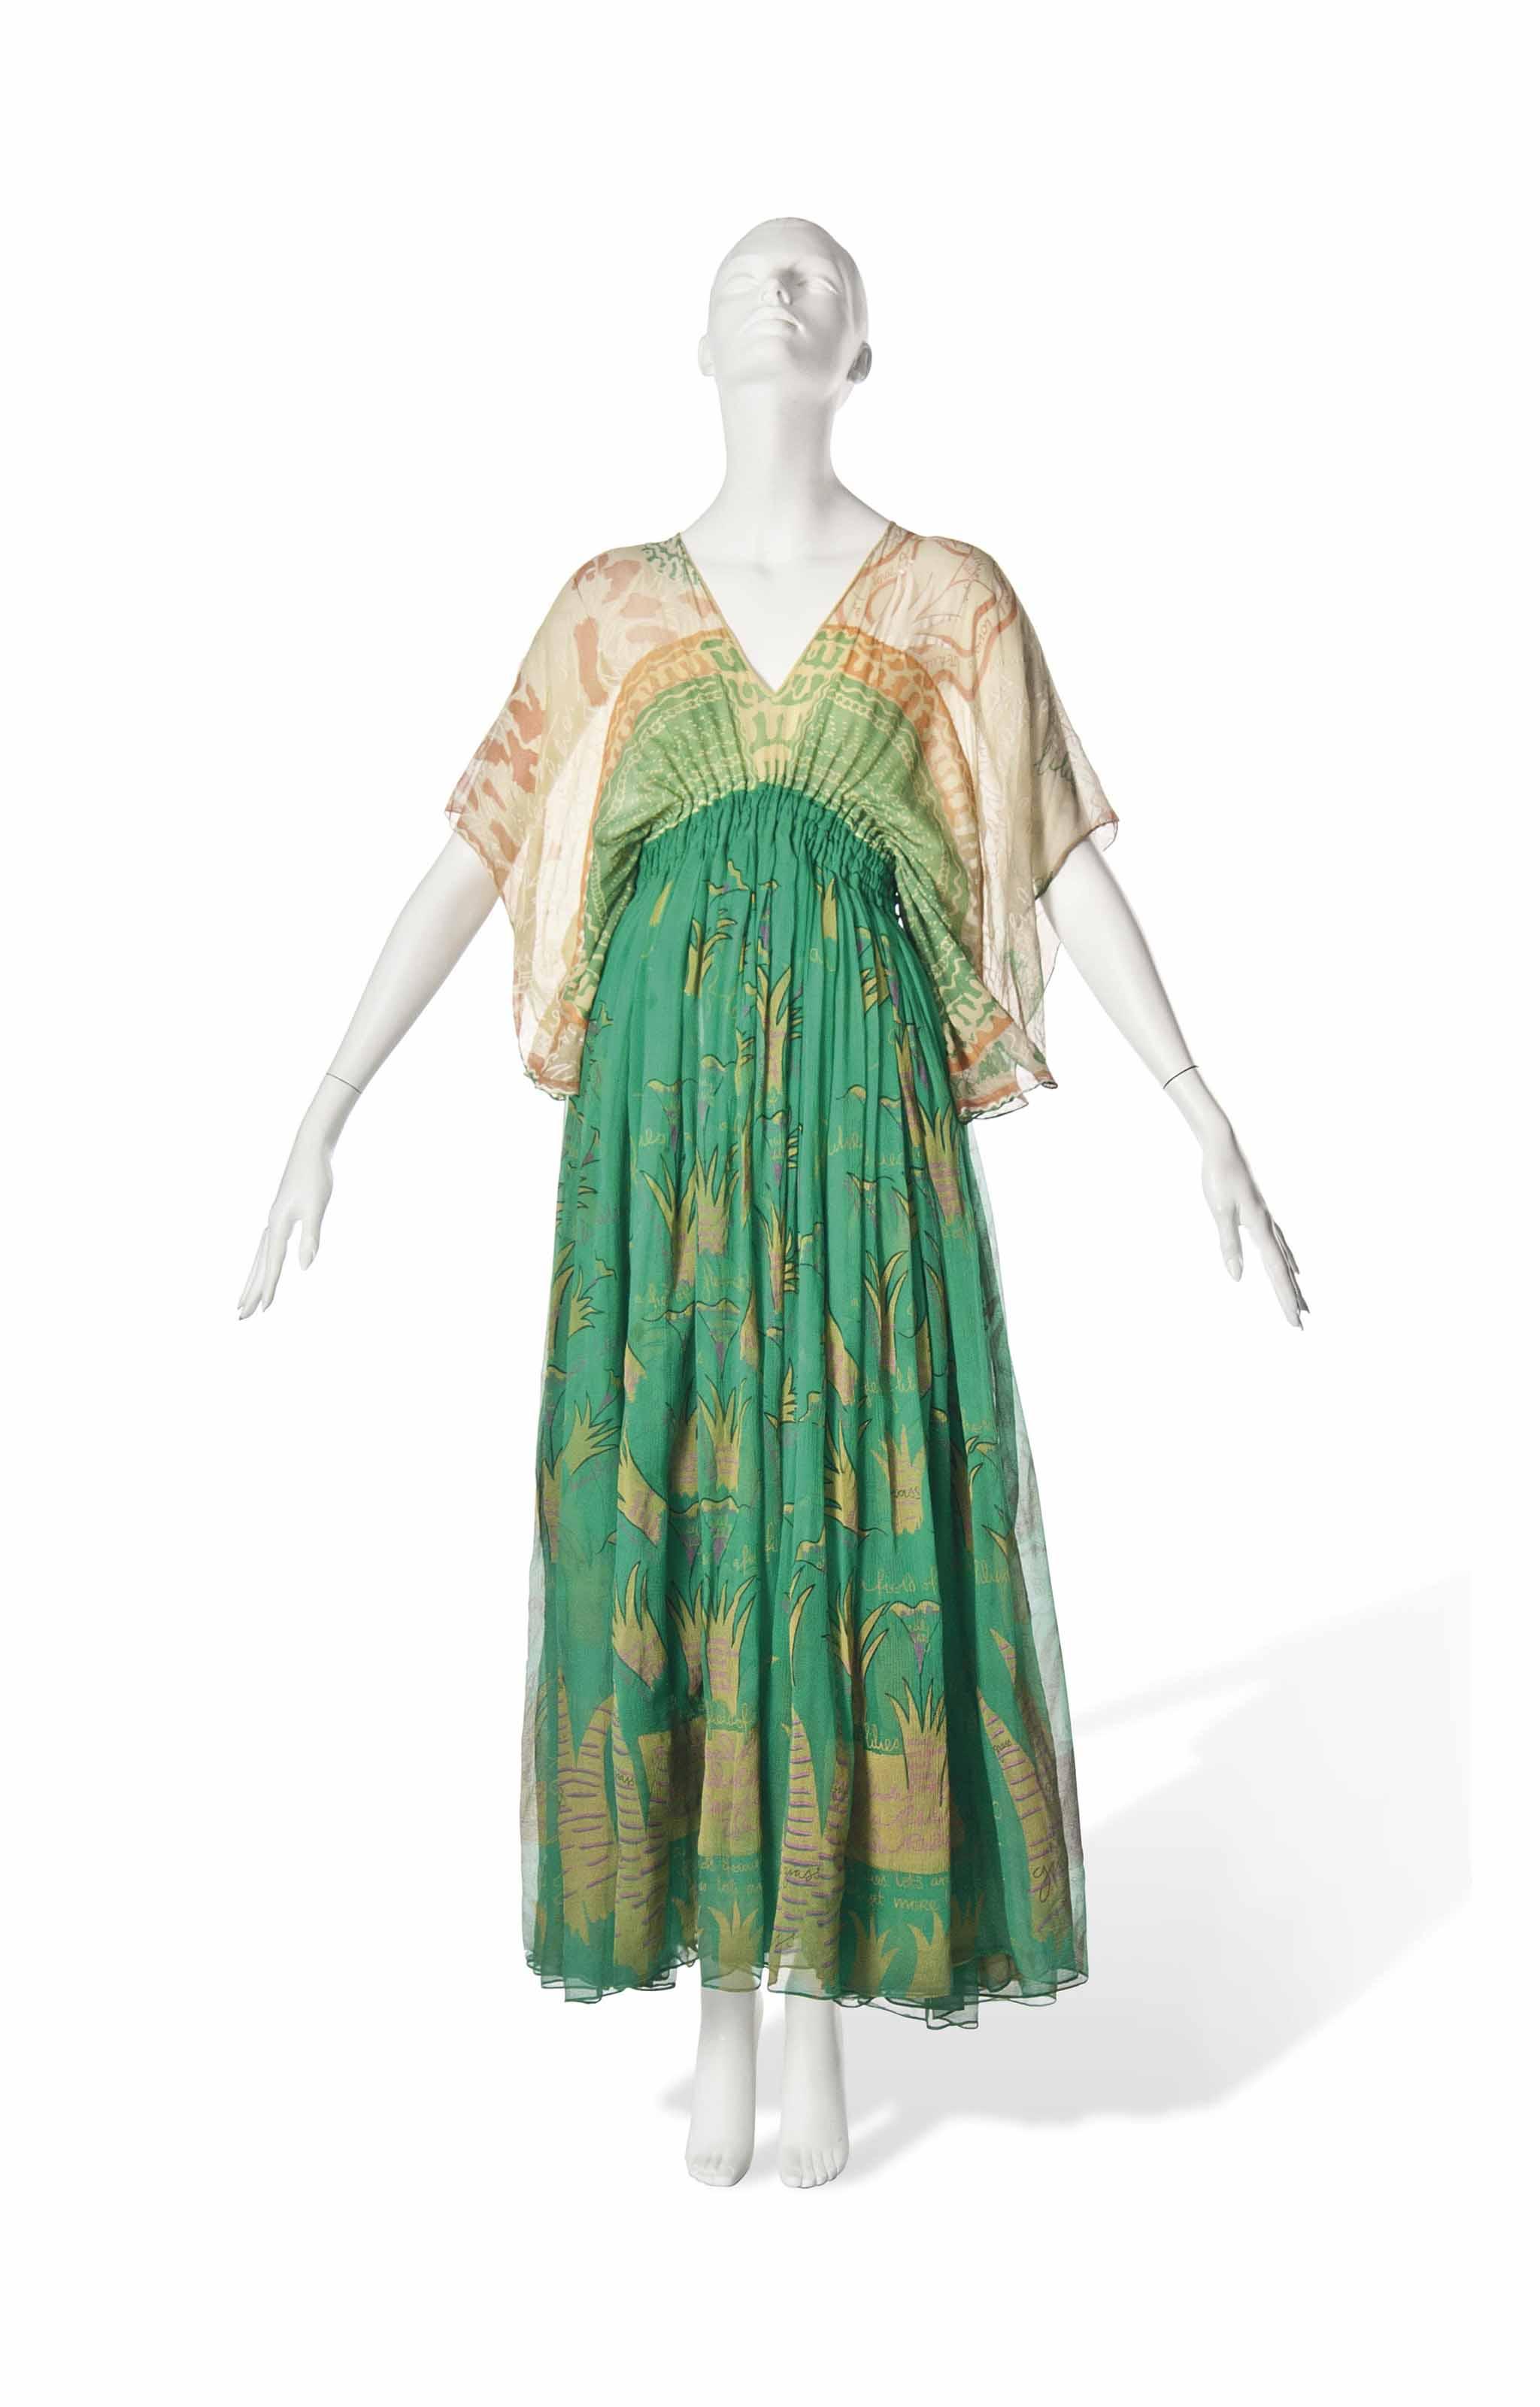 A ZANDRA RHODES CHIFFON DRESS